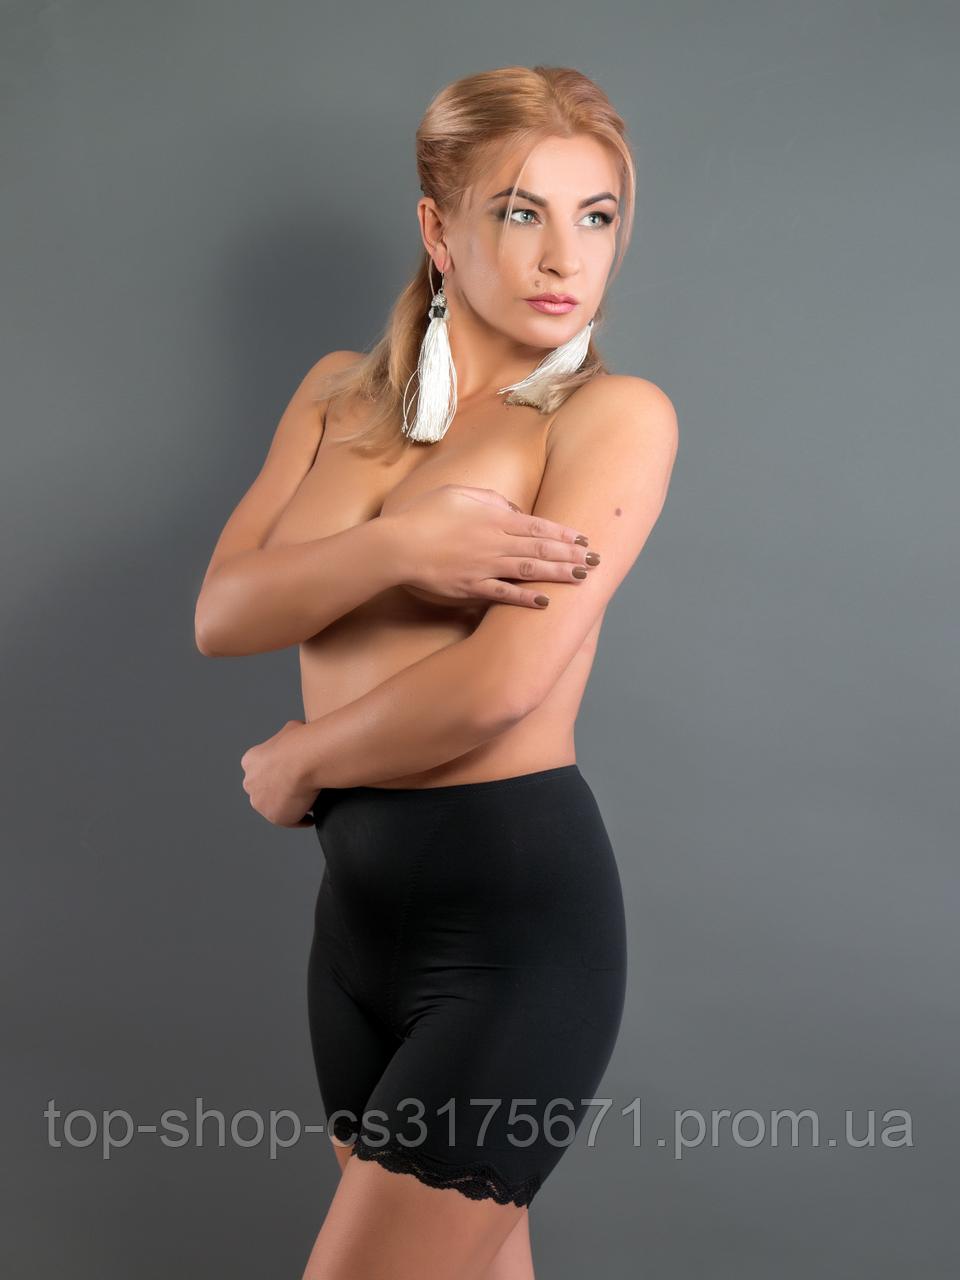 Трусы женские Acousma чёрный M P6459H